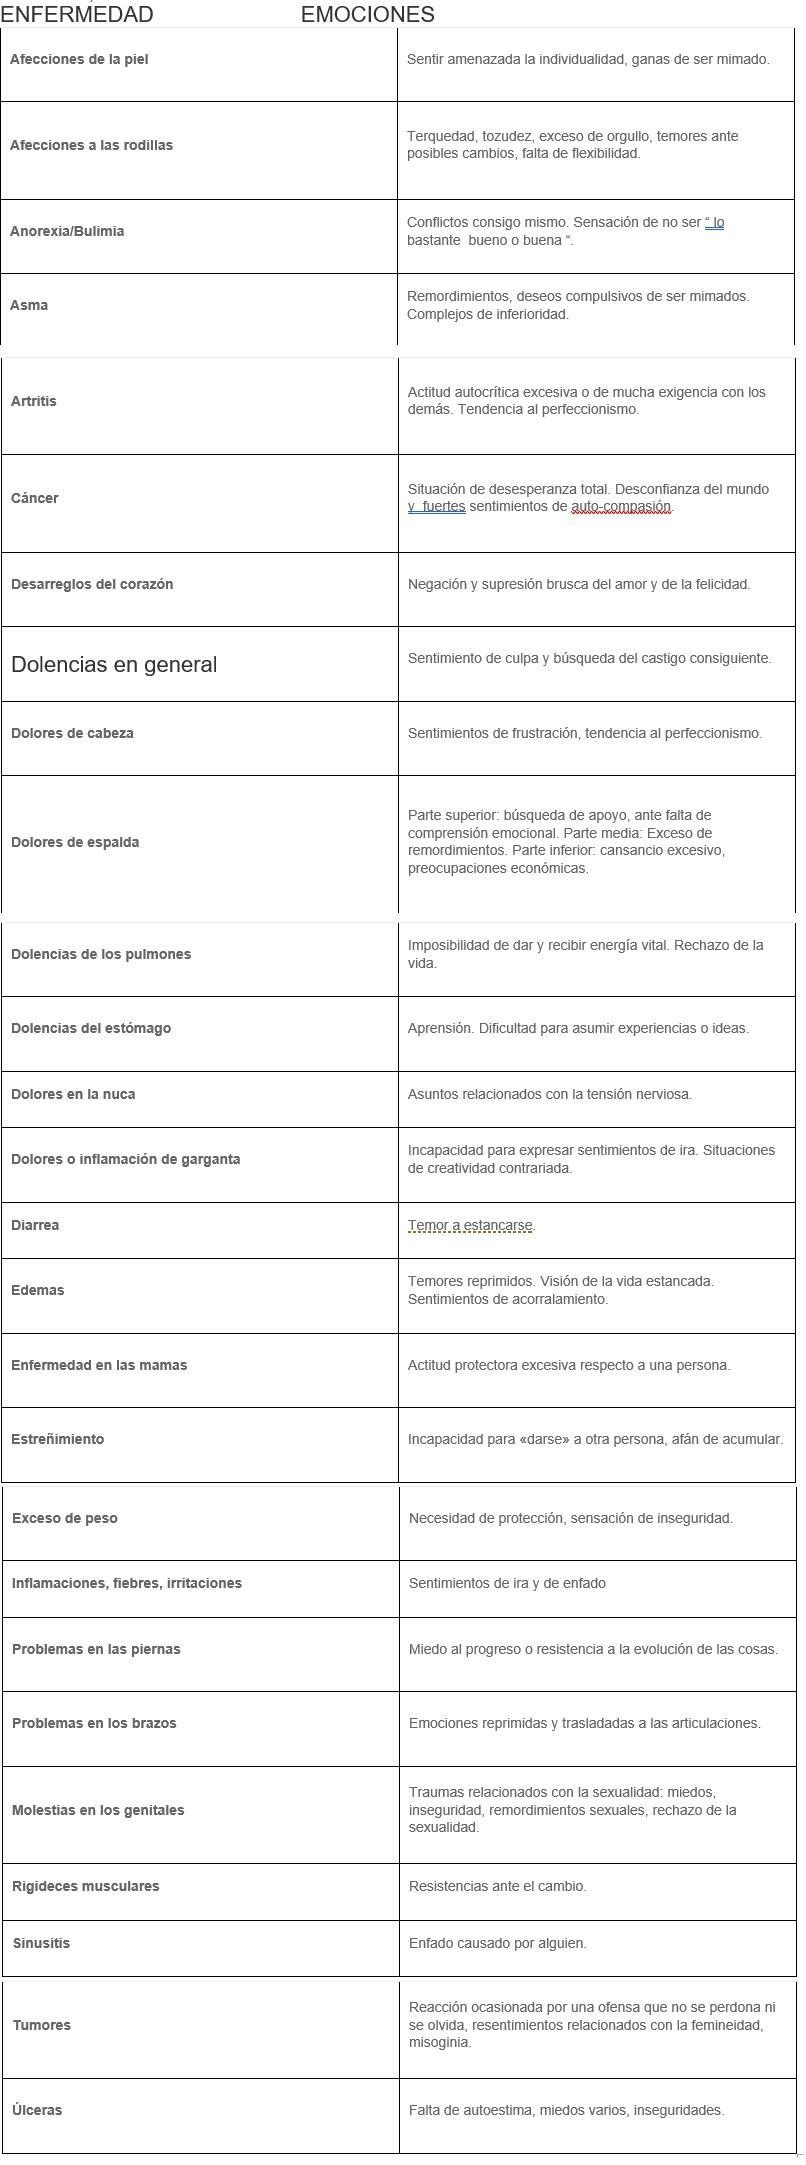 enfermedad-y-emocion-segun-reiki-2